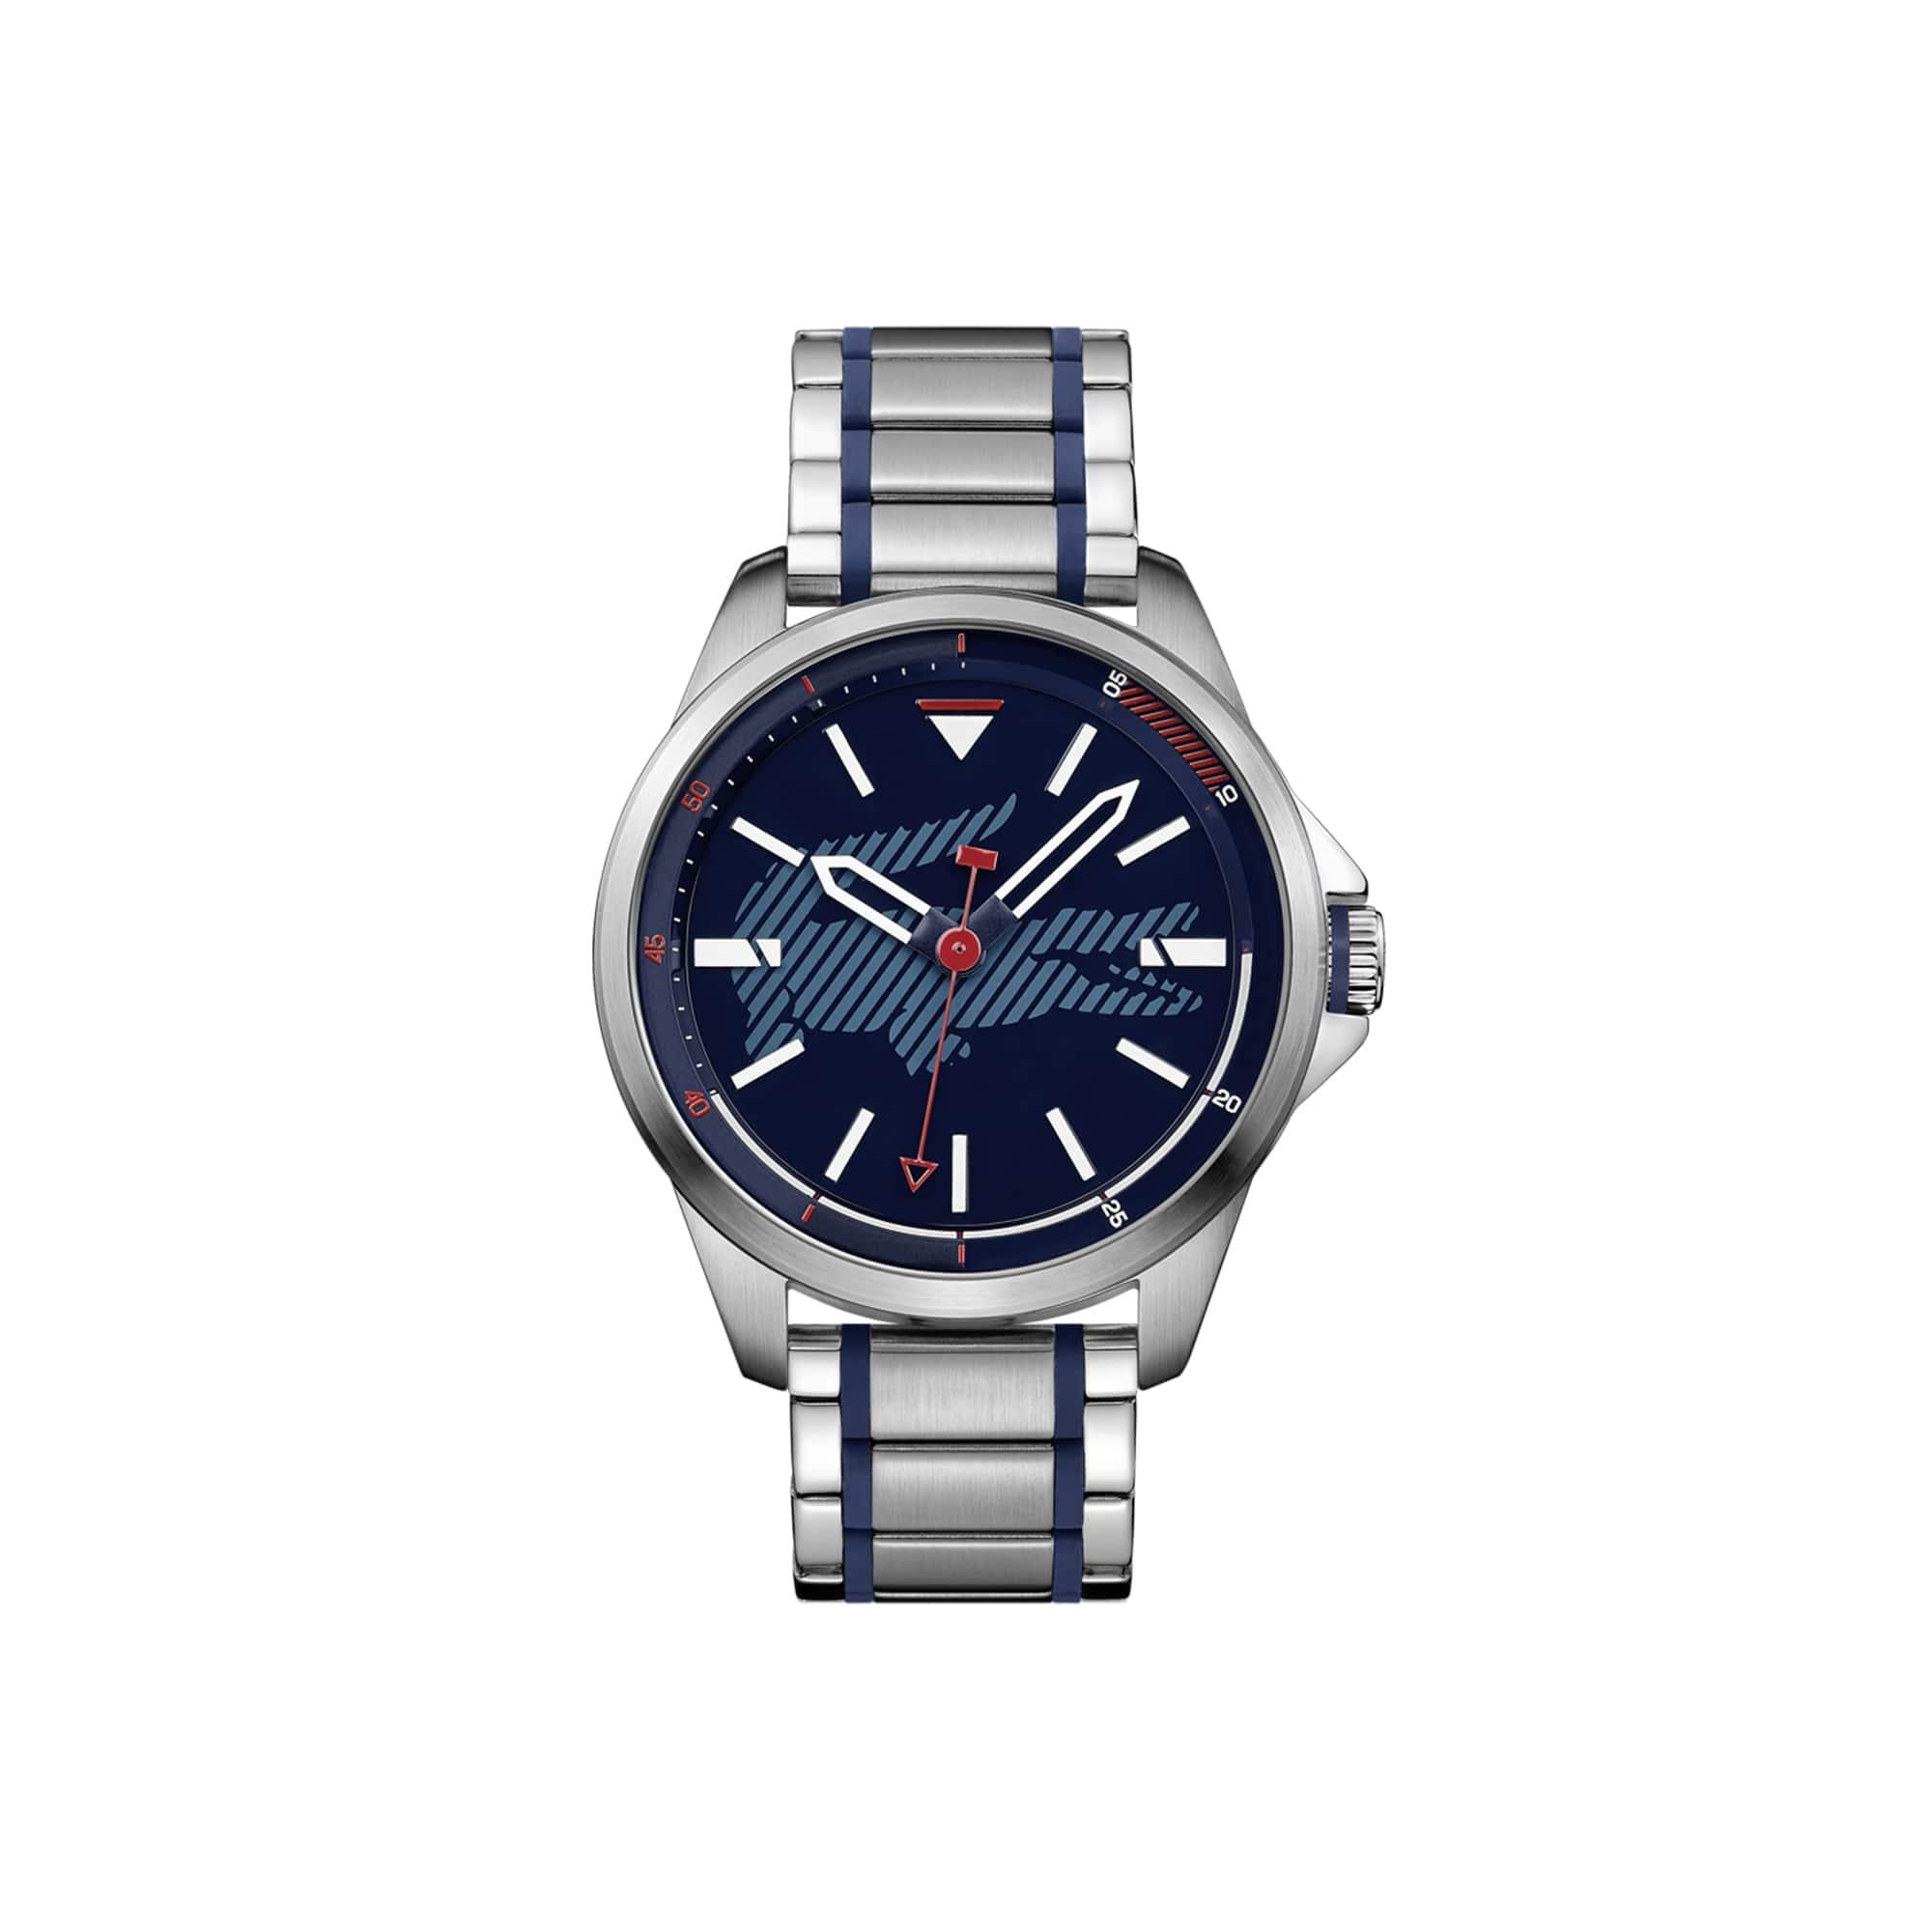 Relógio Capbreton com bracelete em aço inoxidável com pespontos de silicone azul